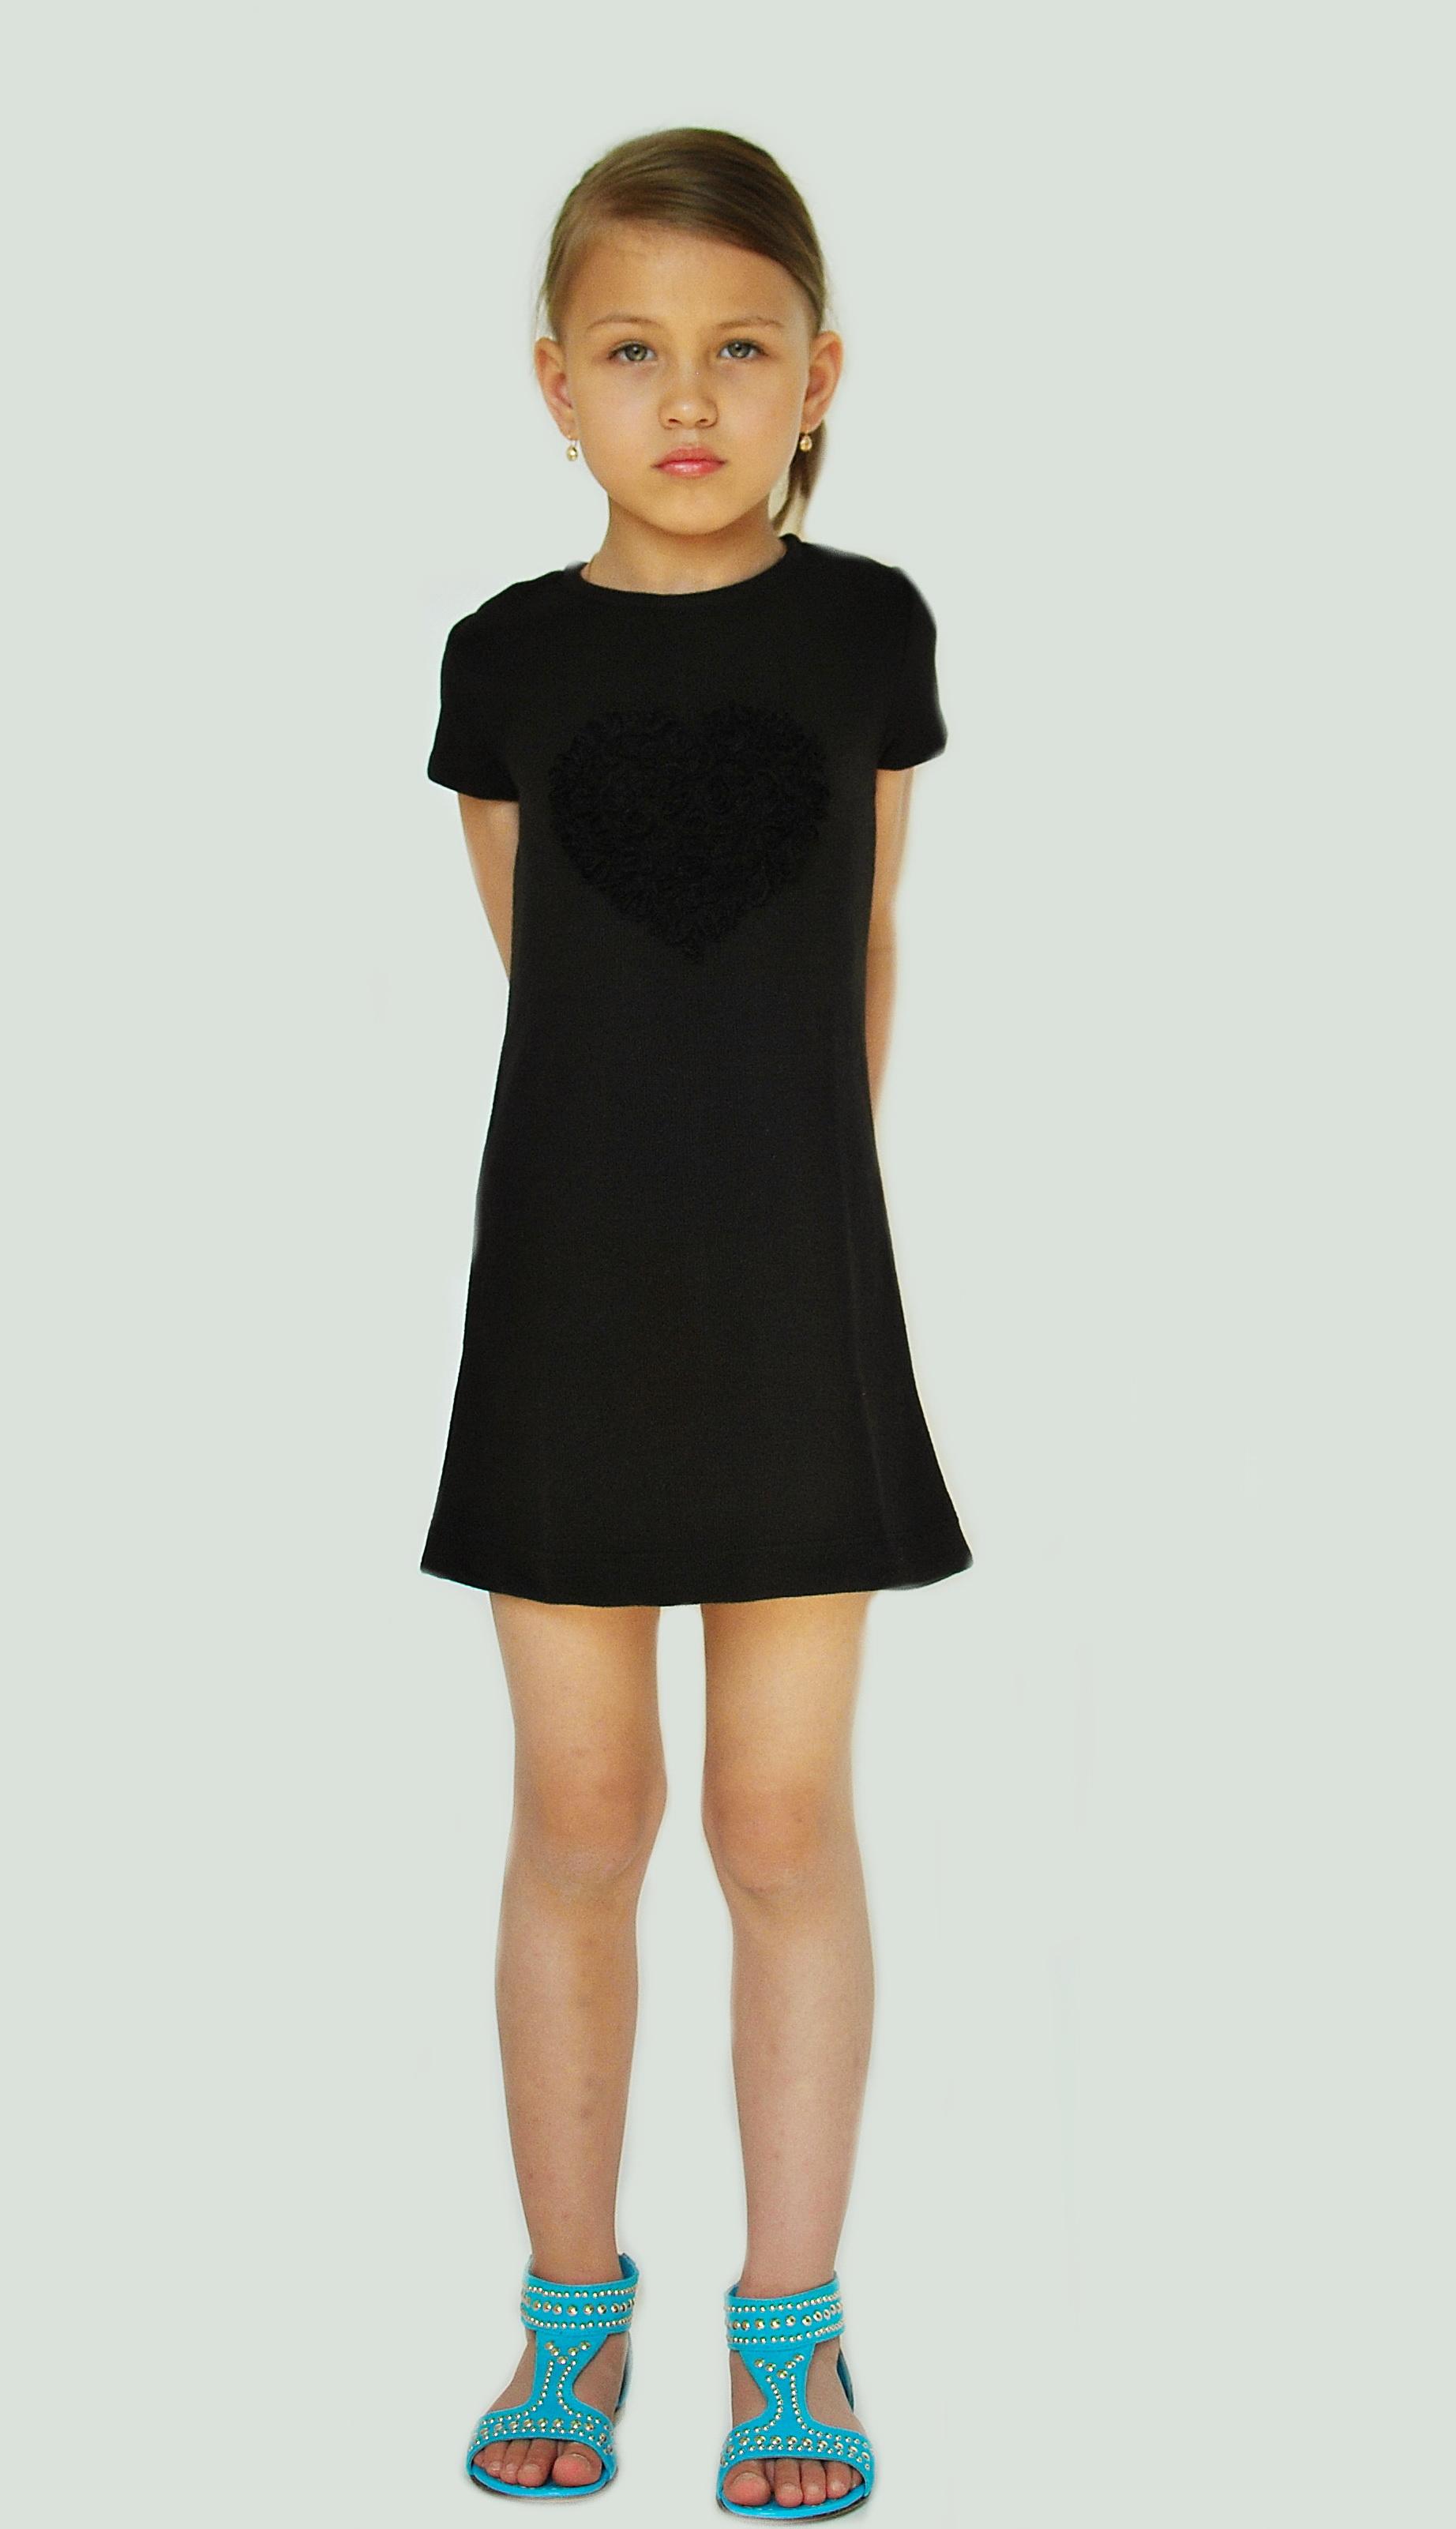 Фото 3. Черное платье Bambina (Go Kids)